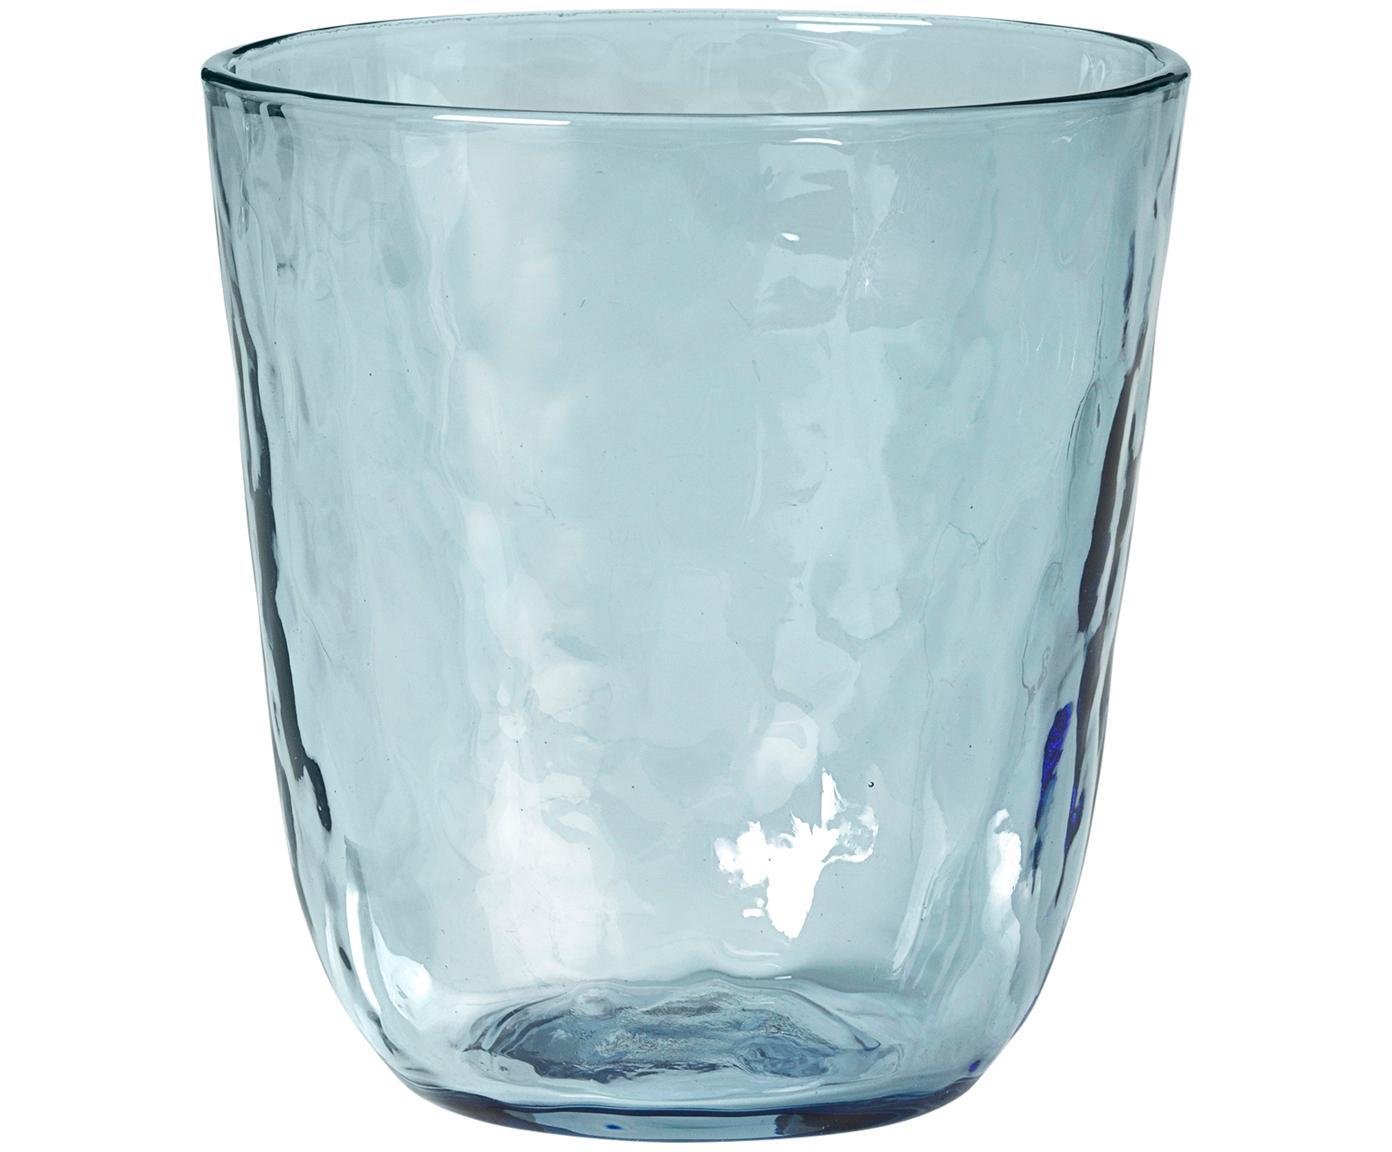 Szklanka do wody ze szkła dmuchanego  Hammered, 4 szt., Szkło dmuchane, Niebieski, transparentny, Ø 9 x W 10 cm